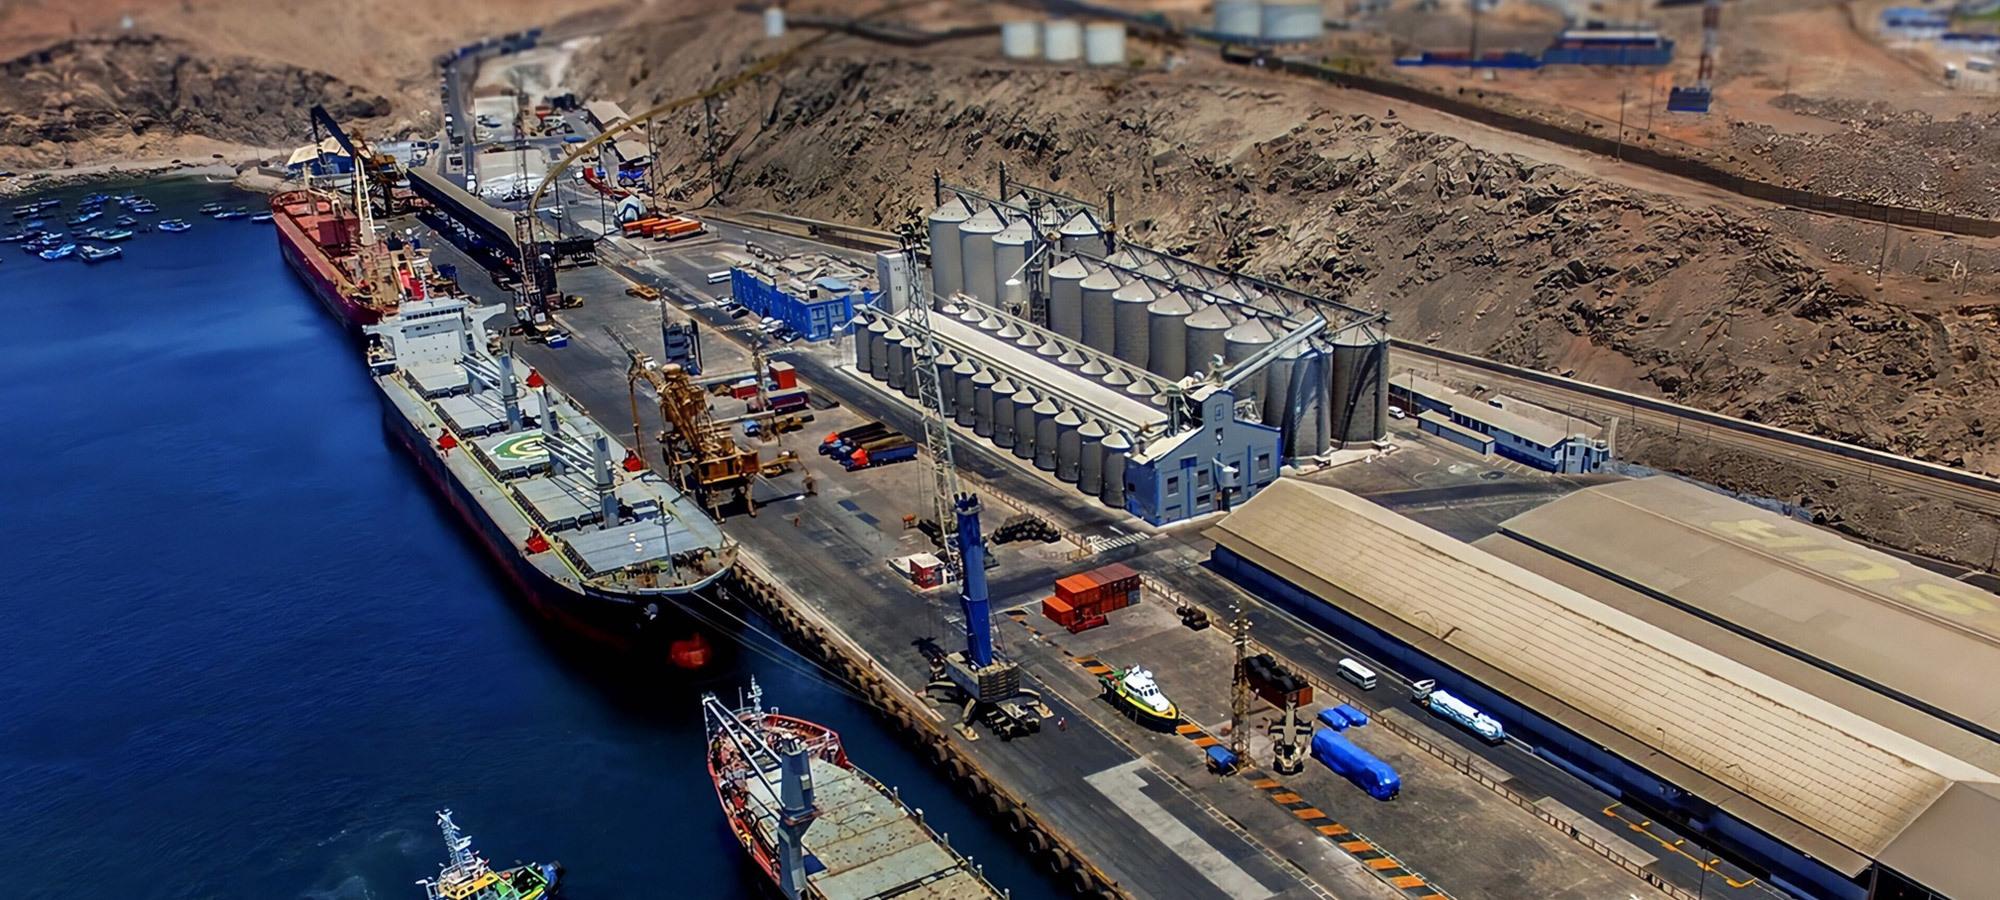 Somos la empresa líder en integración de la cadena logística para el comercio exterior boliviano